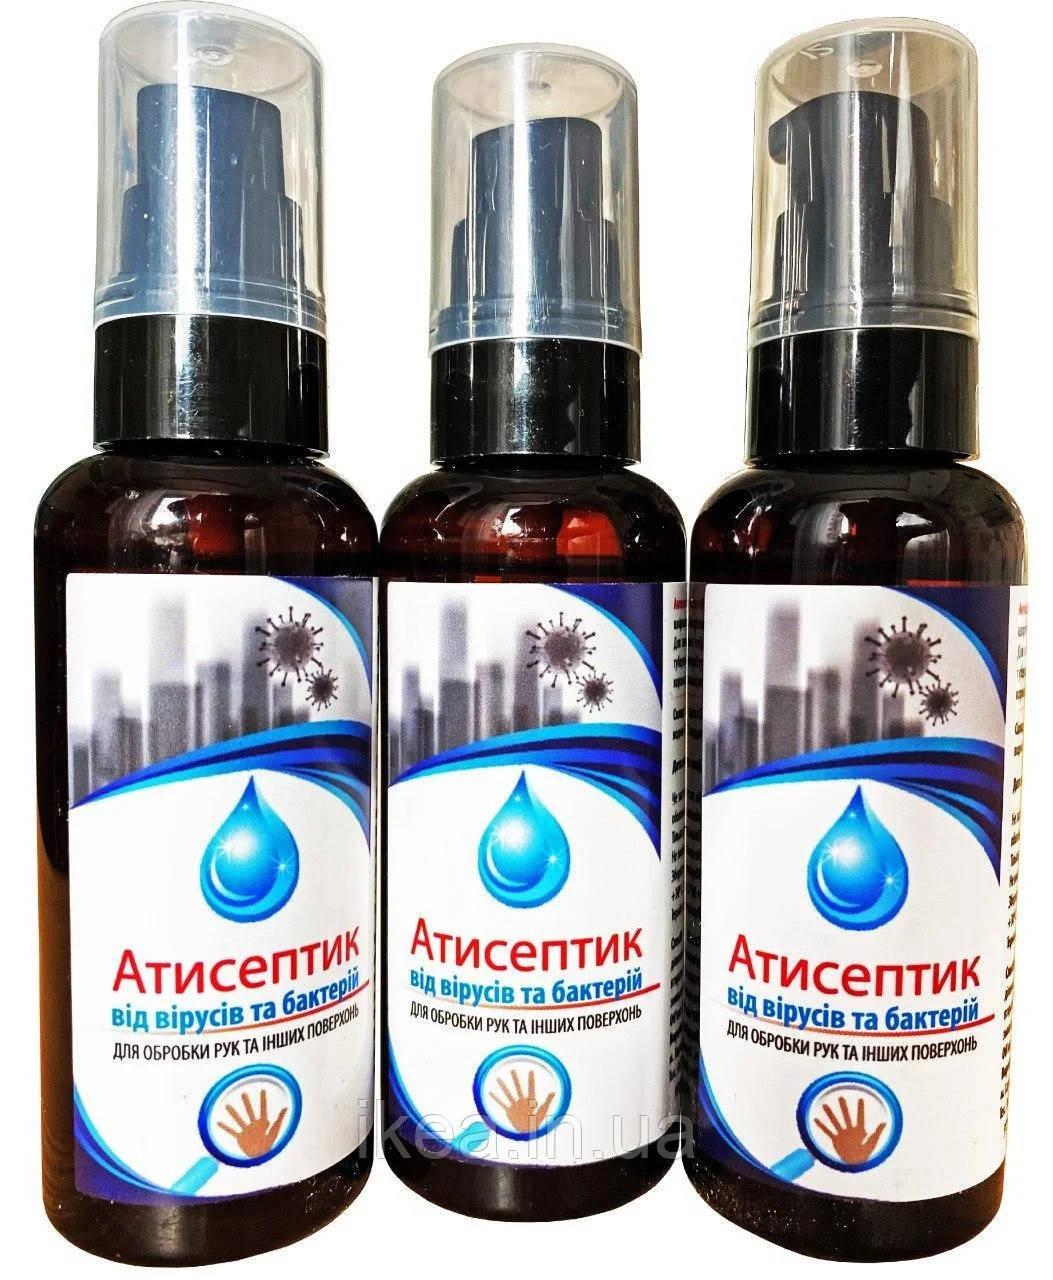 Антисептик для рук 60 мл 80% спирта (антисептическое средство, санитайзер, дезинфектор)